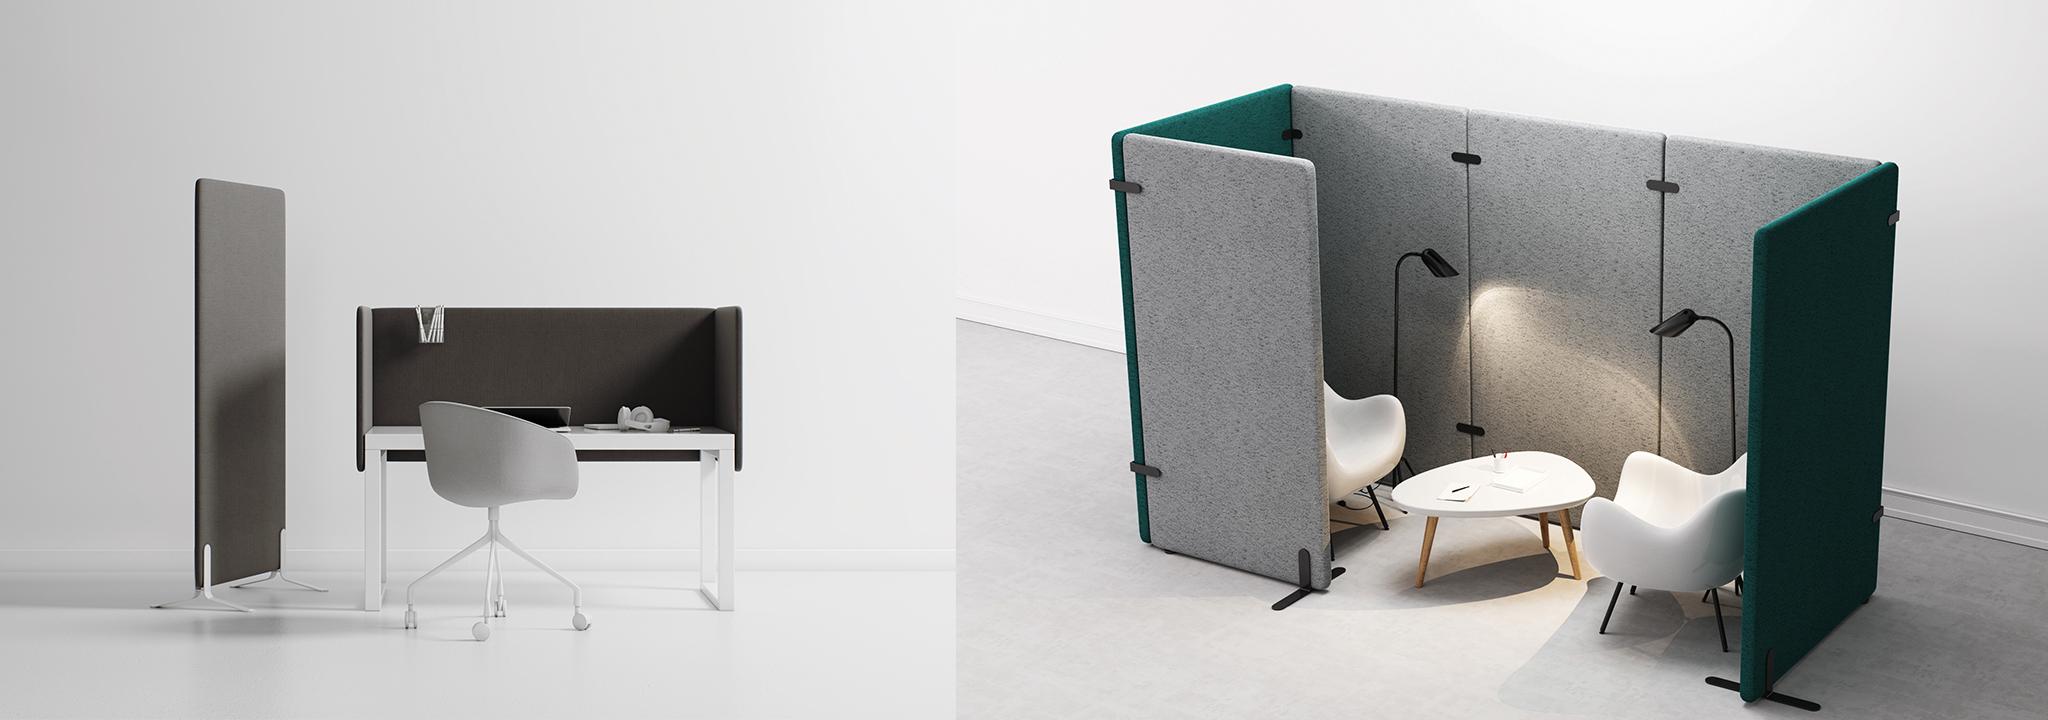 Büros gestalten mit akustisch wirksamen Raumteilern und Trennwänden sowie Raum-in-Raum-Lösungen.